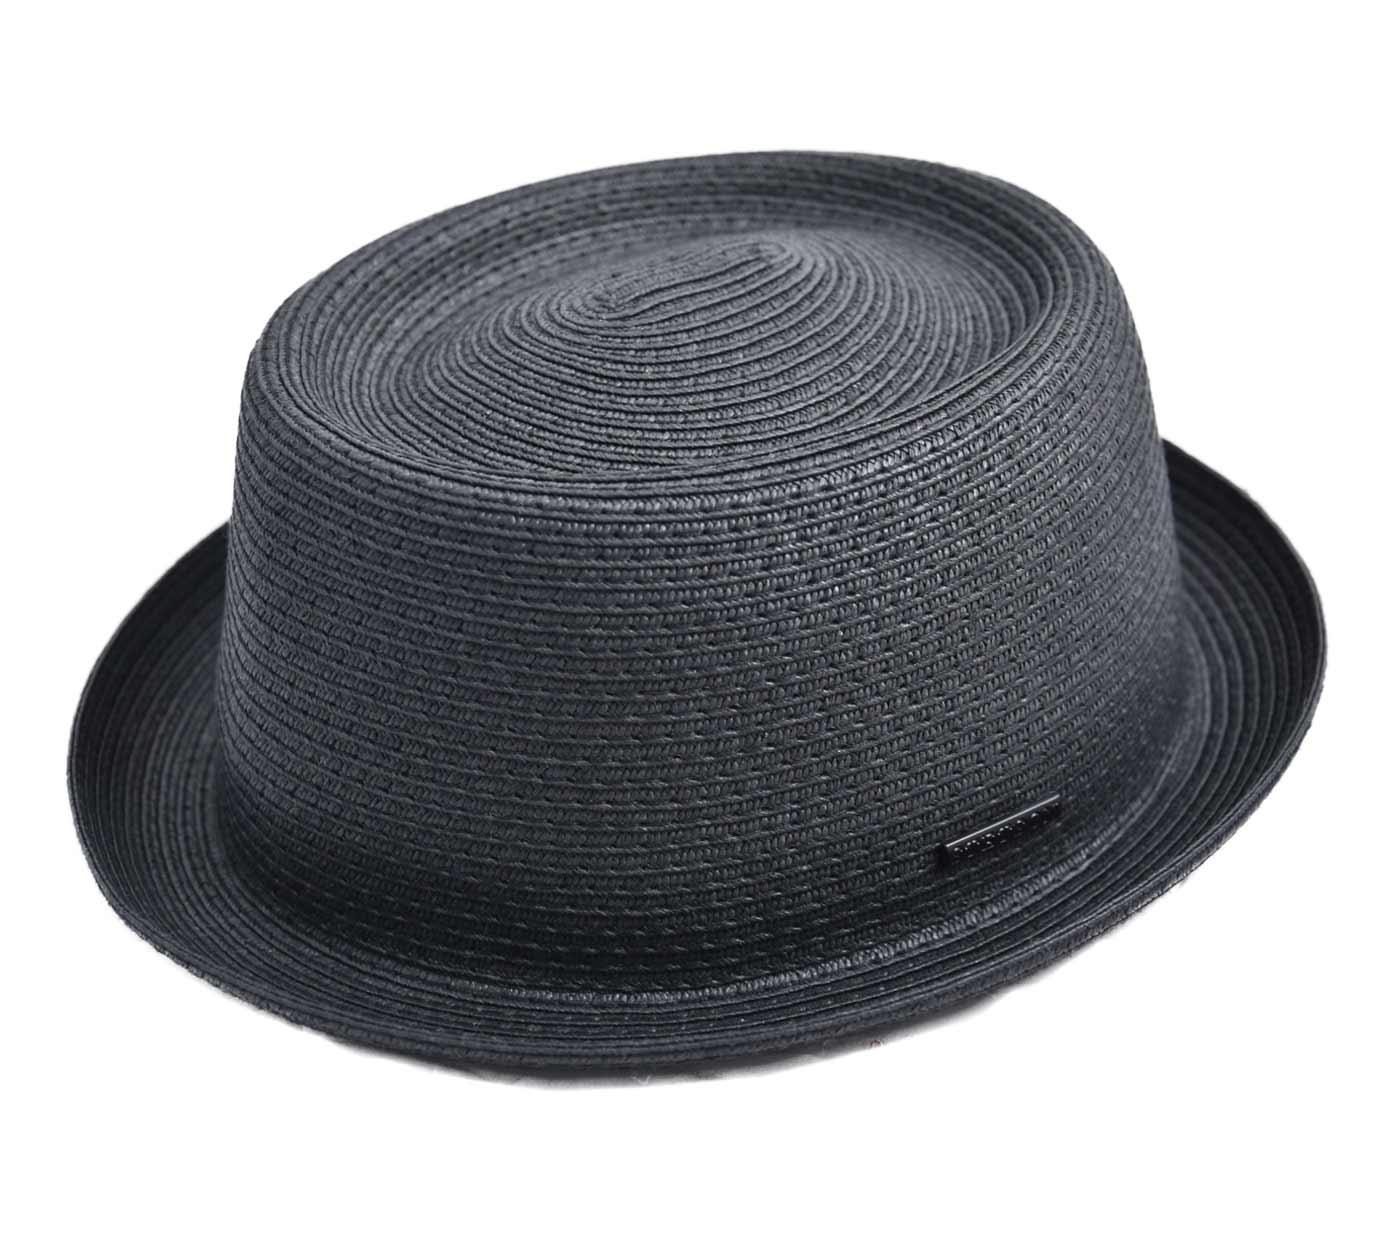 ba3b3f7f6 Dawson - Hats Stetson